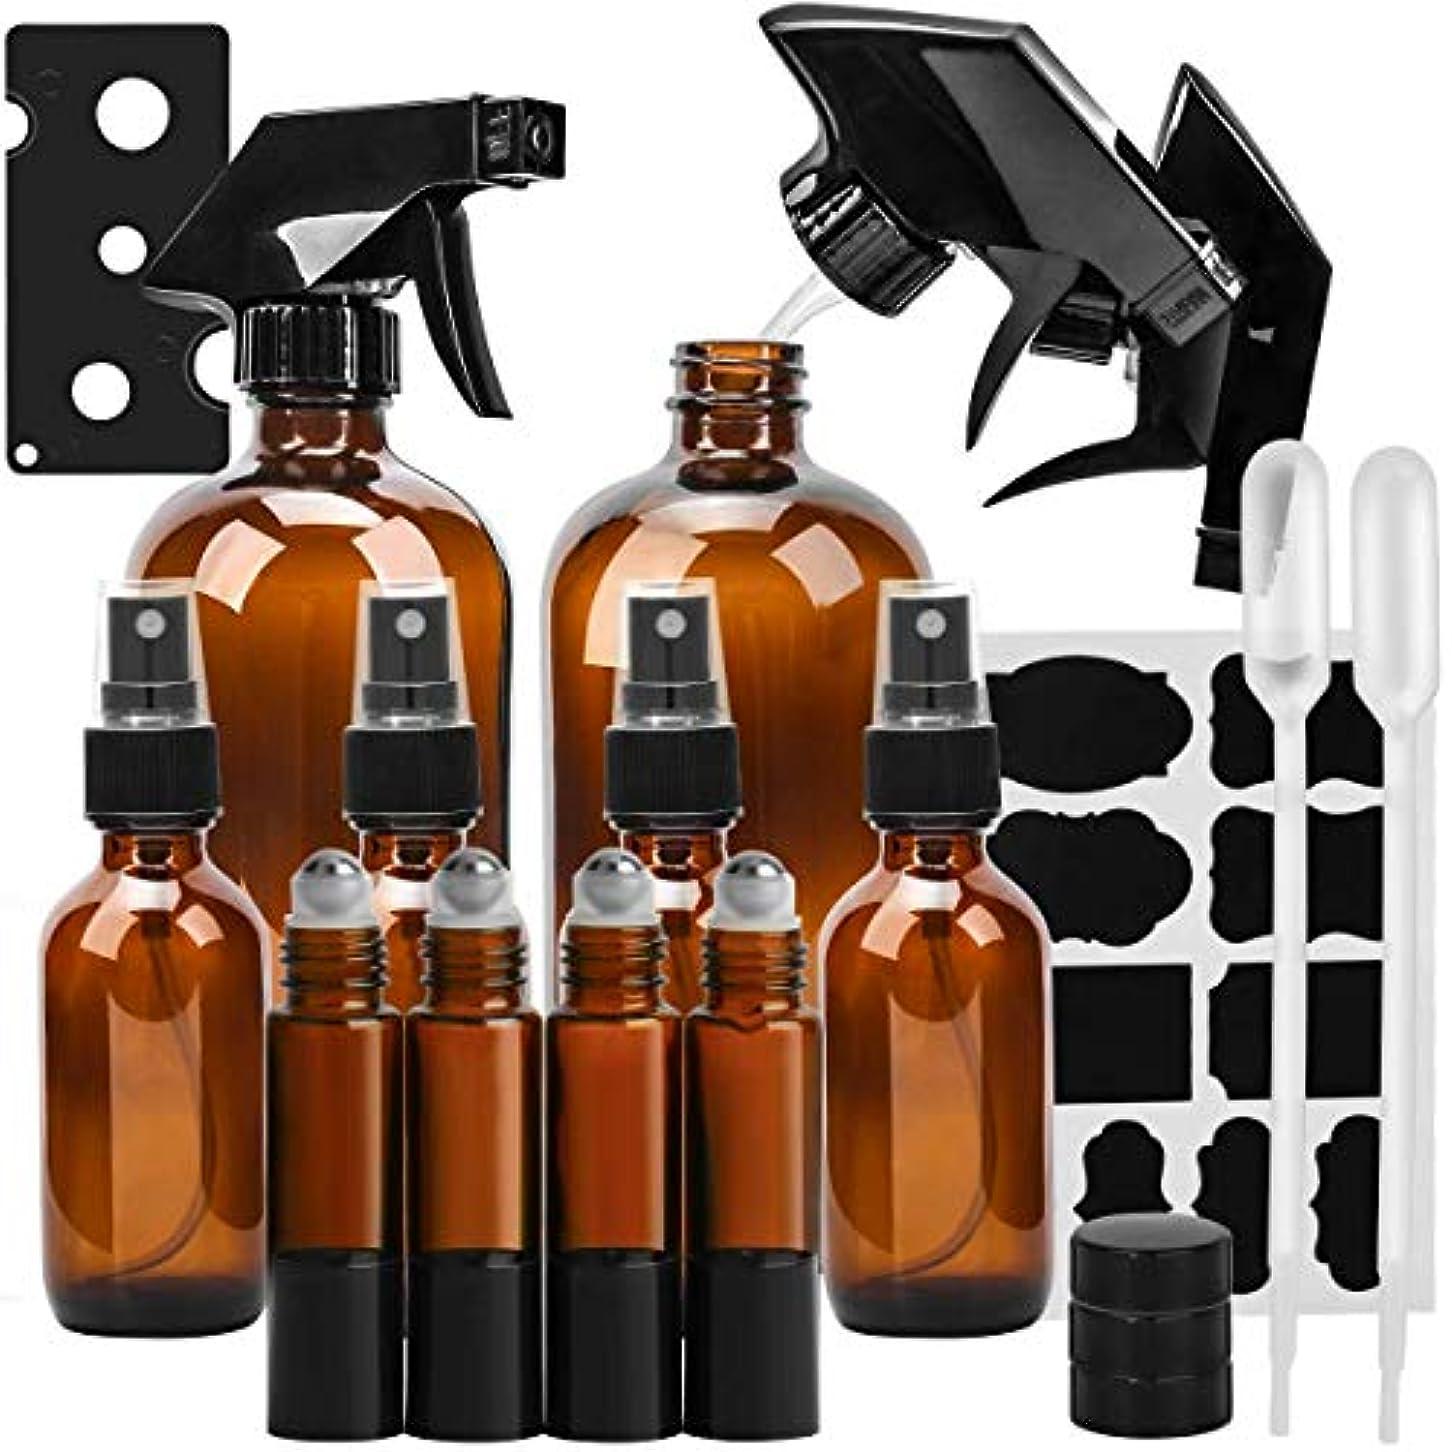 意外エッセンス禁じるKAMOTA 16オンス×2 2オンス×4 10ミリリットルローラーボトル×4 - 製品やアロマテラピーを清掃エッセンシャルオイル 用 詰め替え容器 セットガラススプレーボトルアンバーガラススプレーボトル アンバー-2